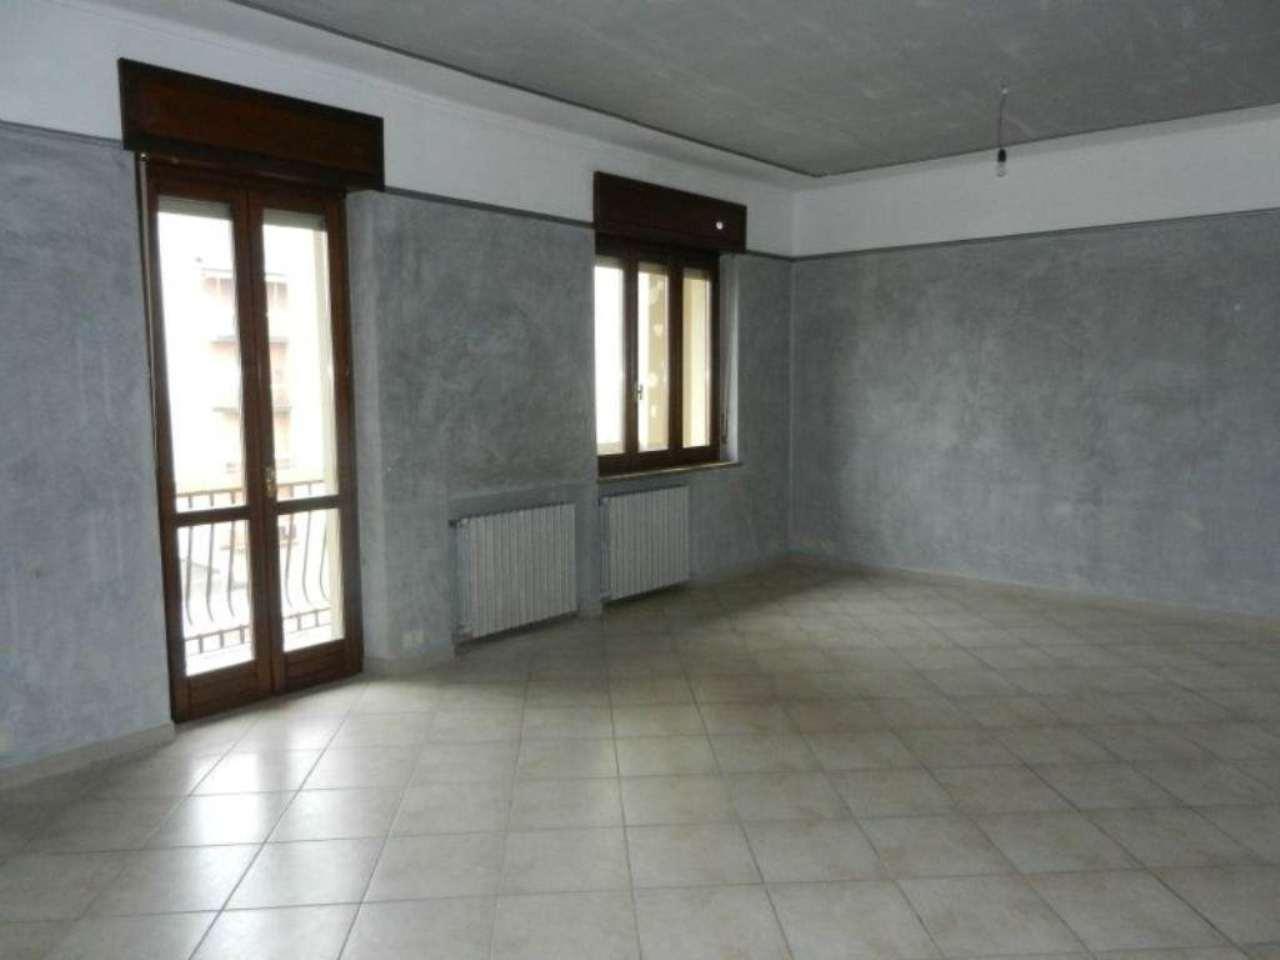 Appartamento in affitto a Venaria Reale, 3 locali, prezzo € 650 | PortaleAgenzieImmobiliari.it